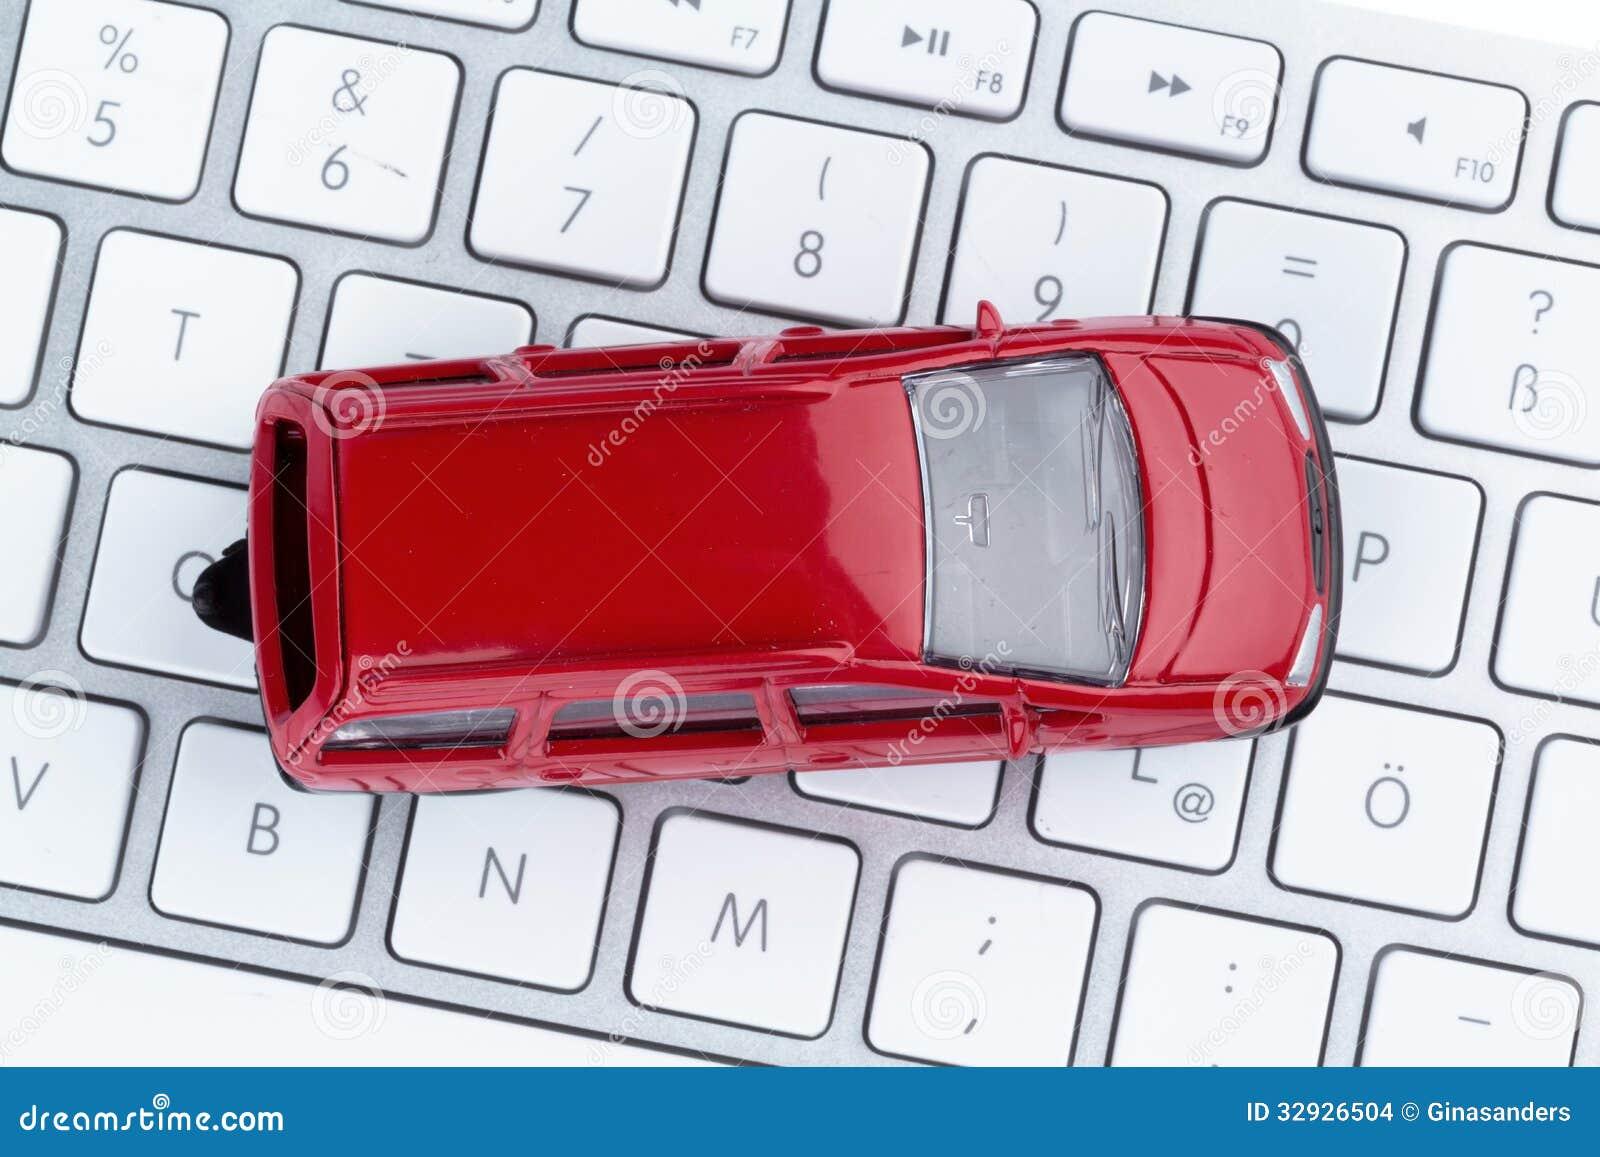 Auto auf copmputertastatur